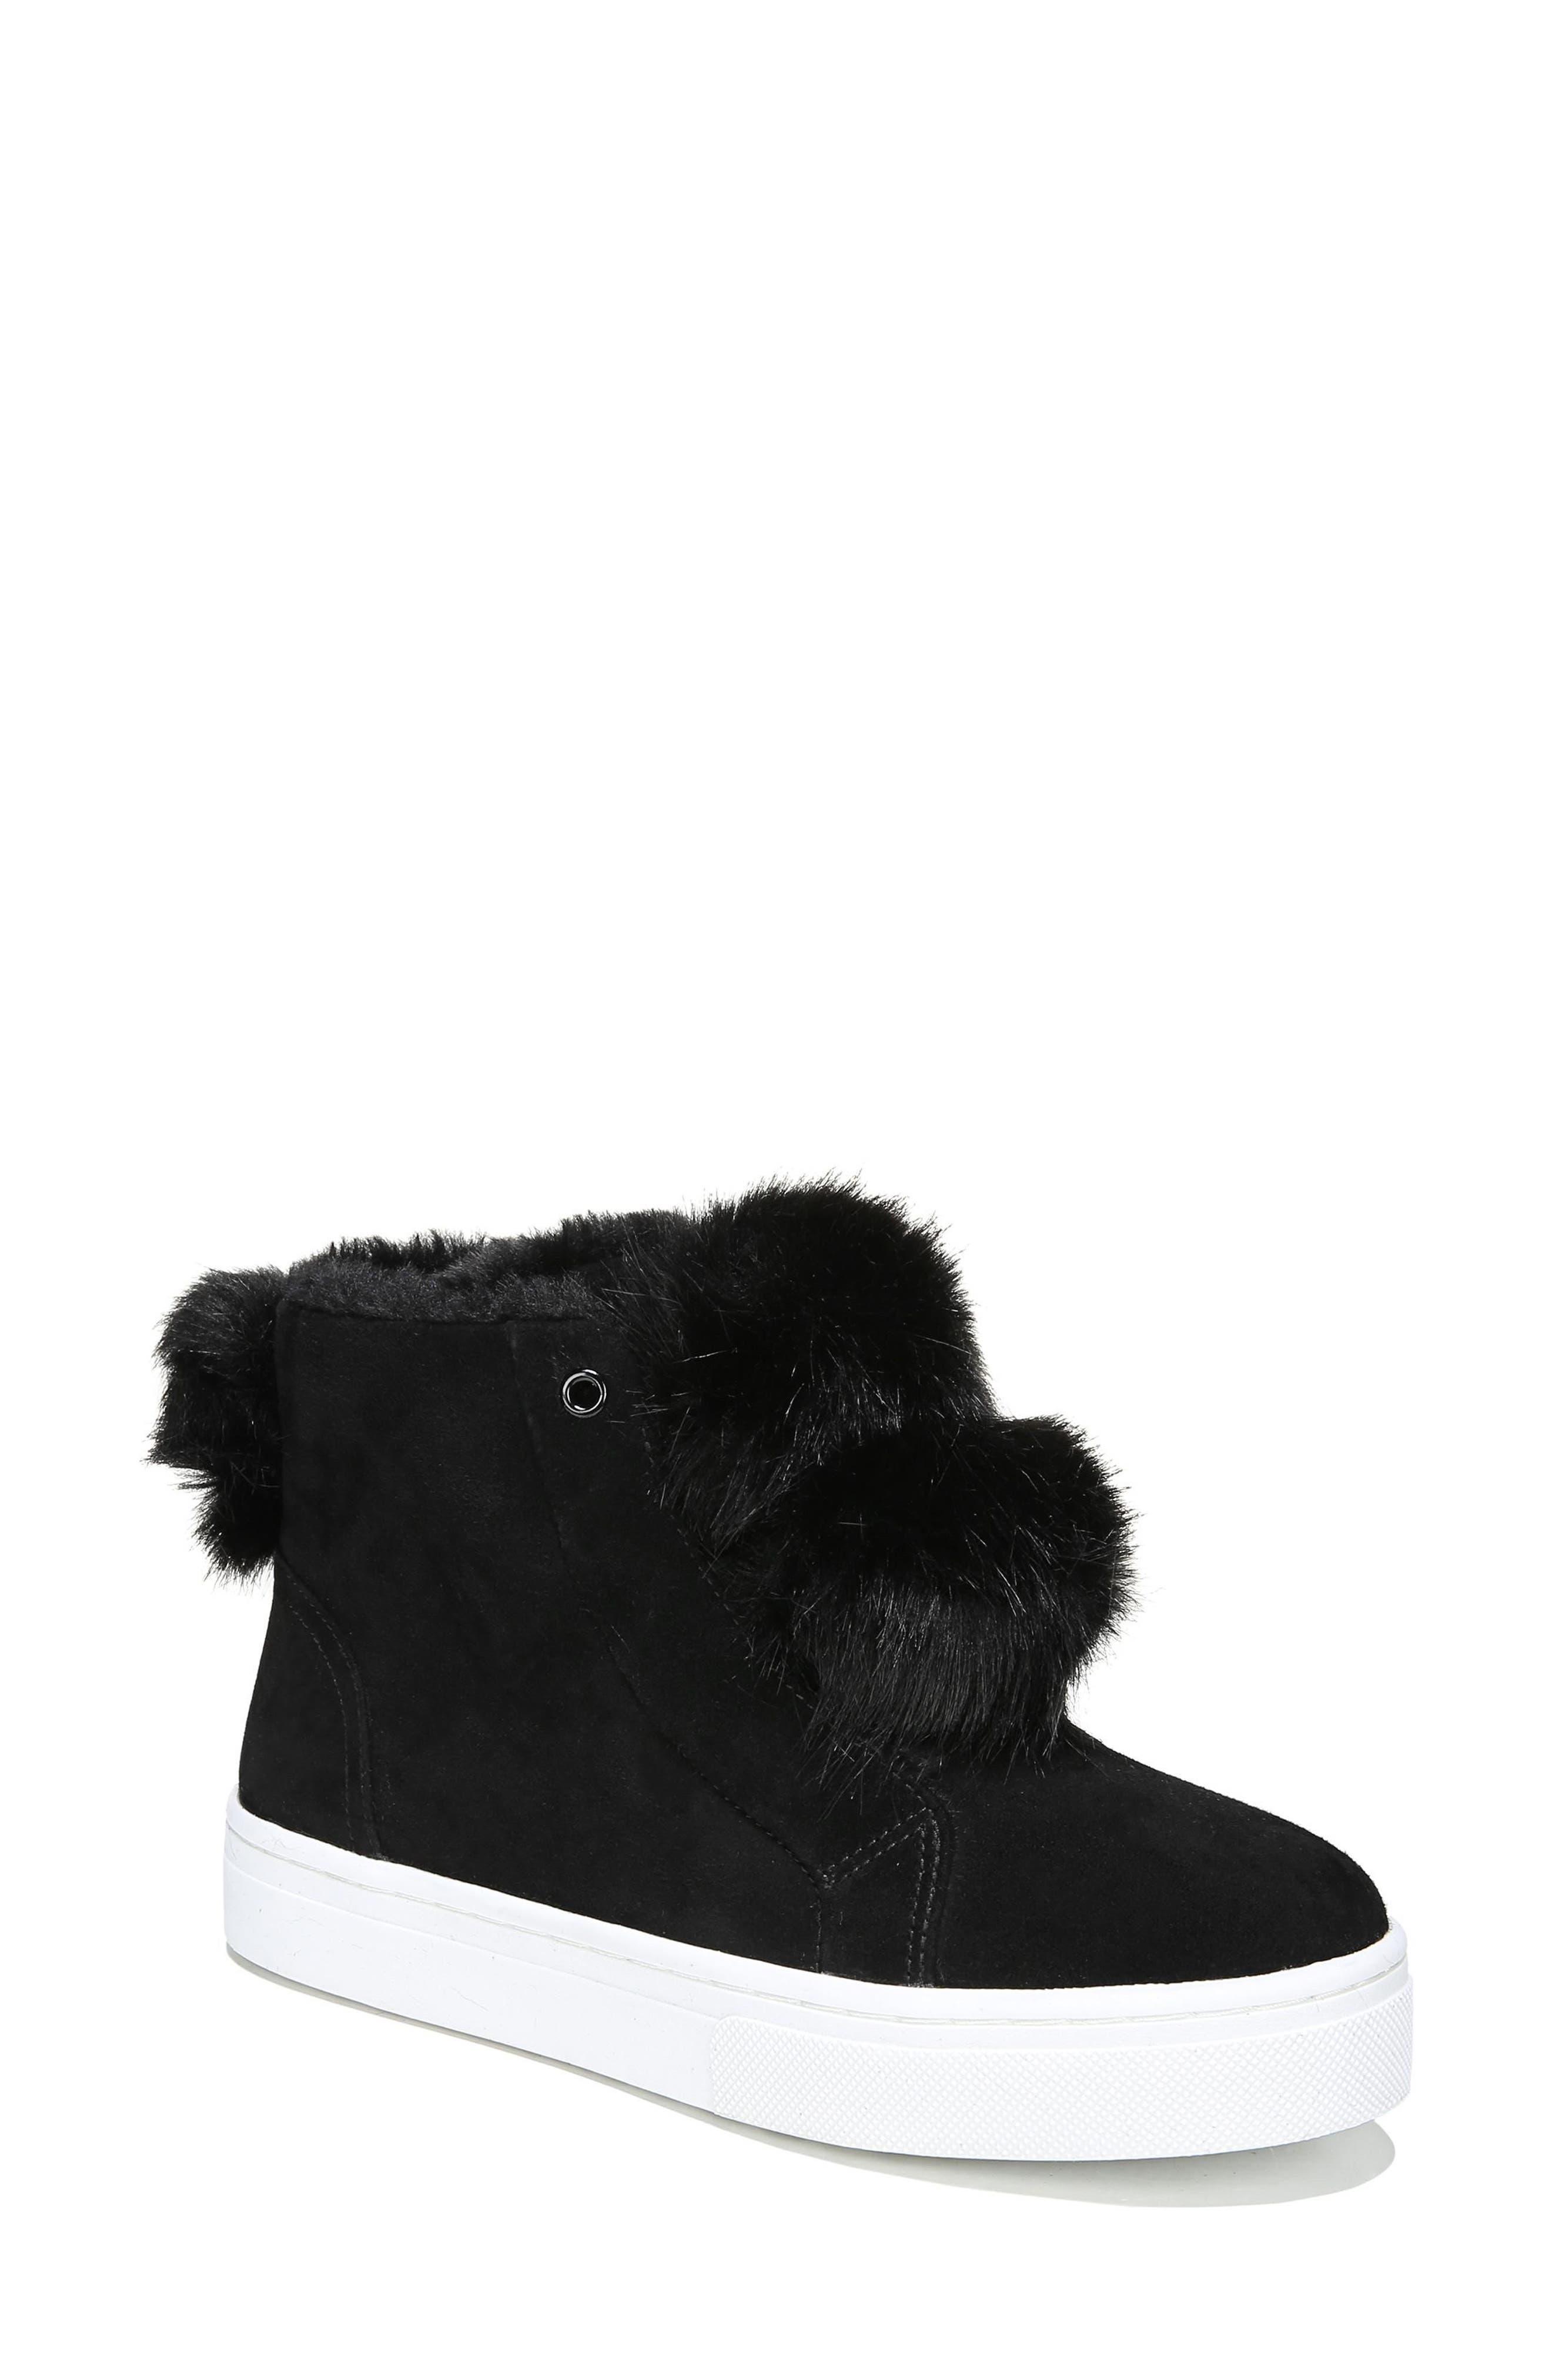 Lear Faux Fur Sneaker,                         Main,                         color, Black Suede